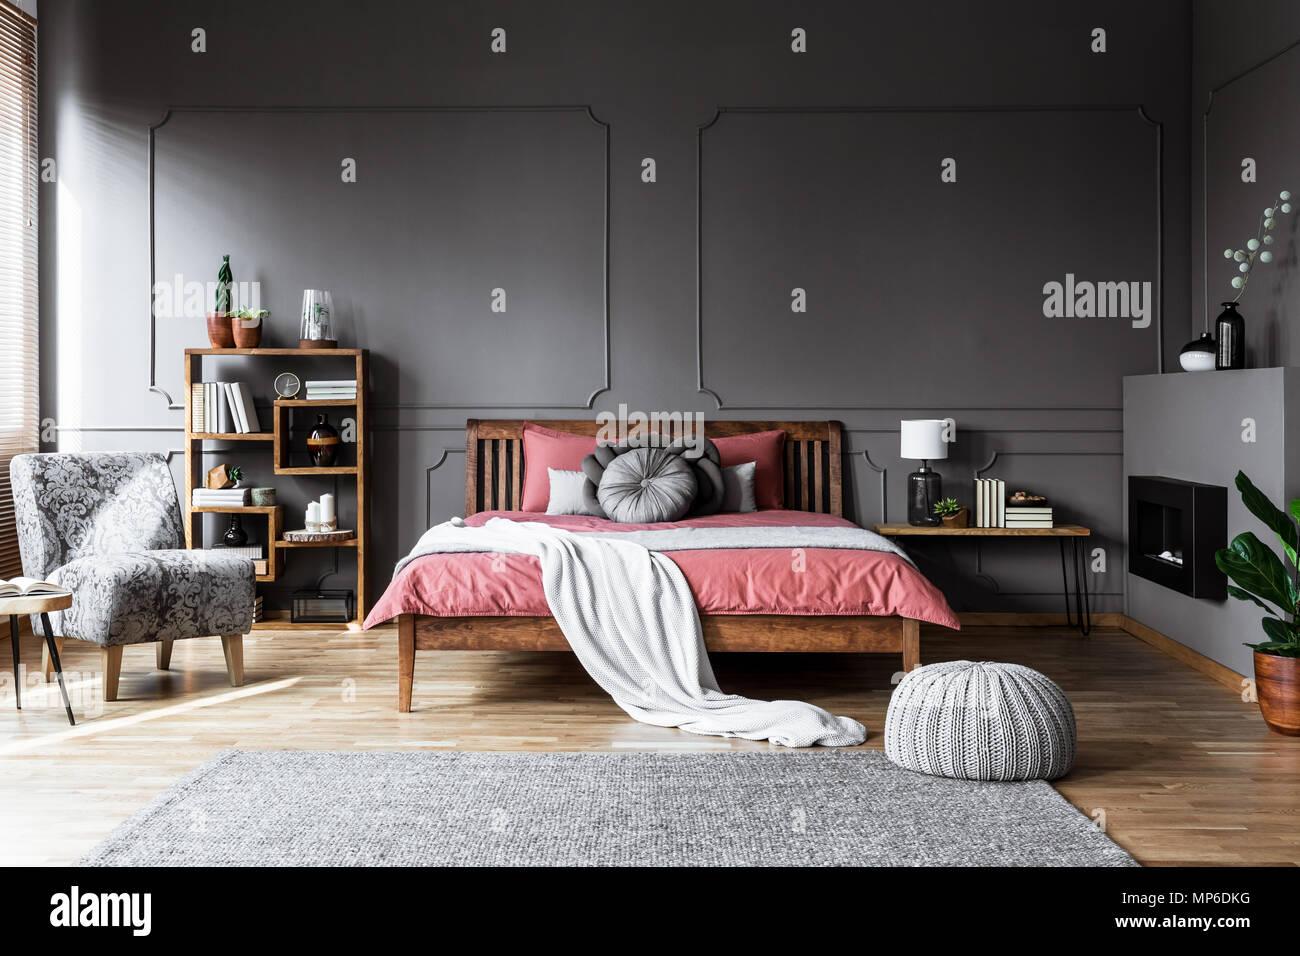 Real Photo Von Einem Gemutlichen Schlafzimmer Mit Bett Aus Holz In